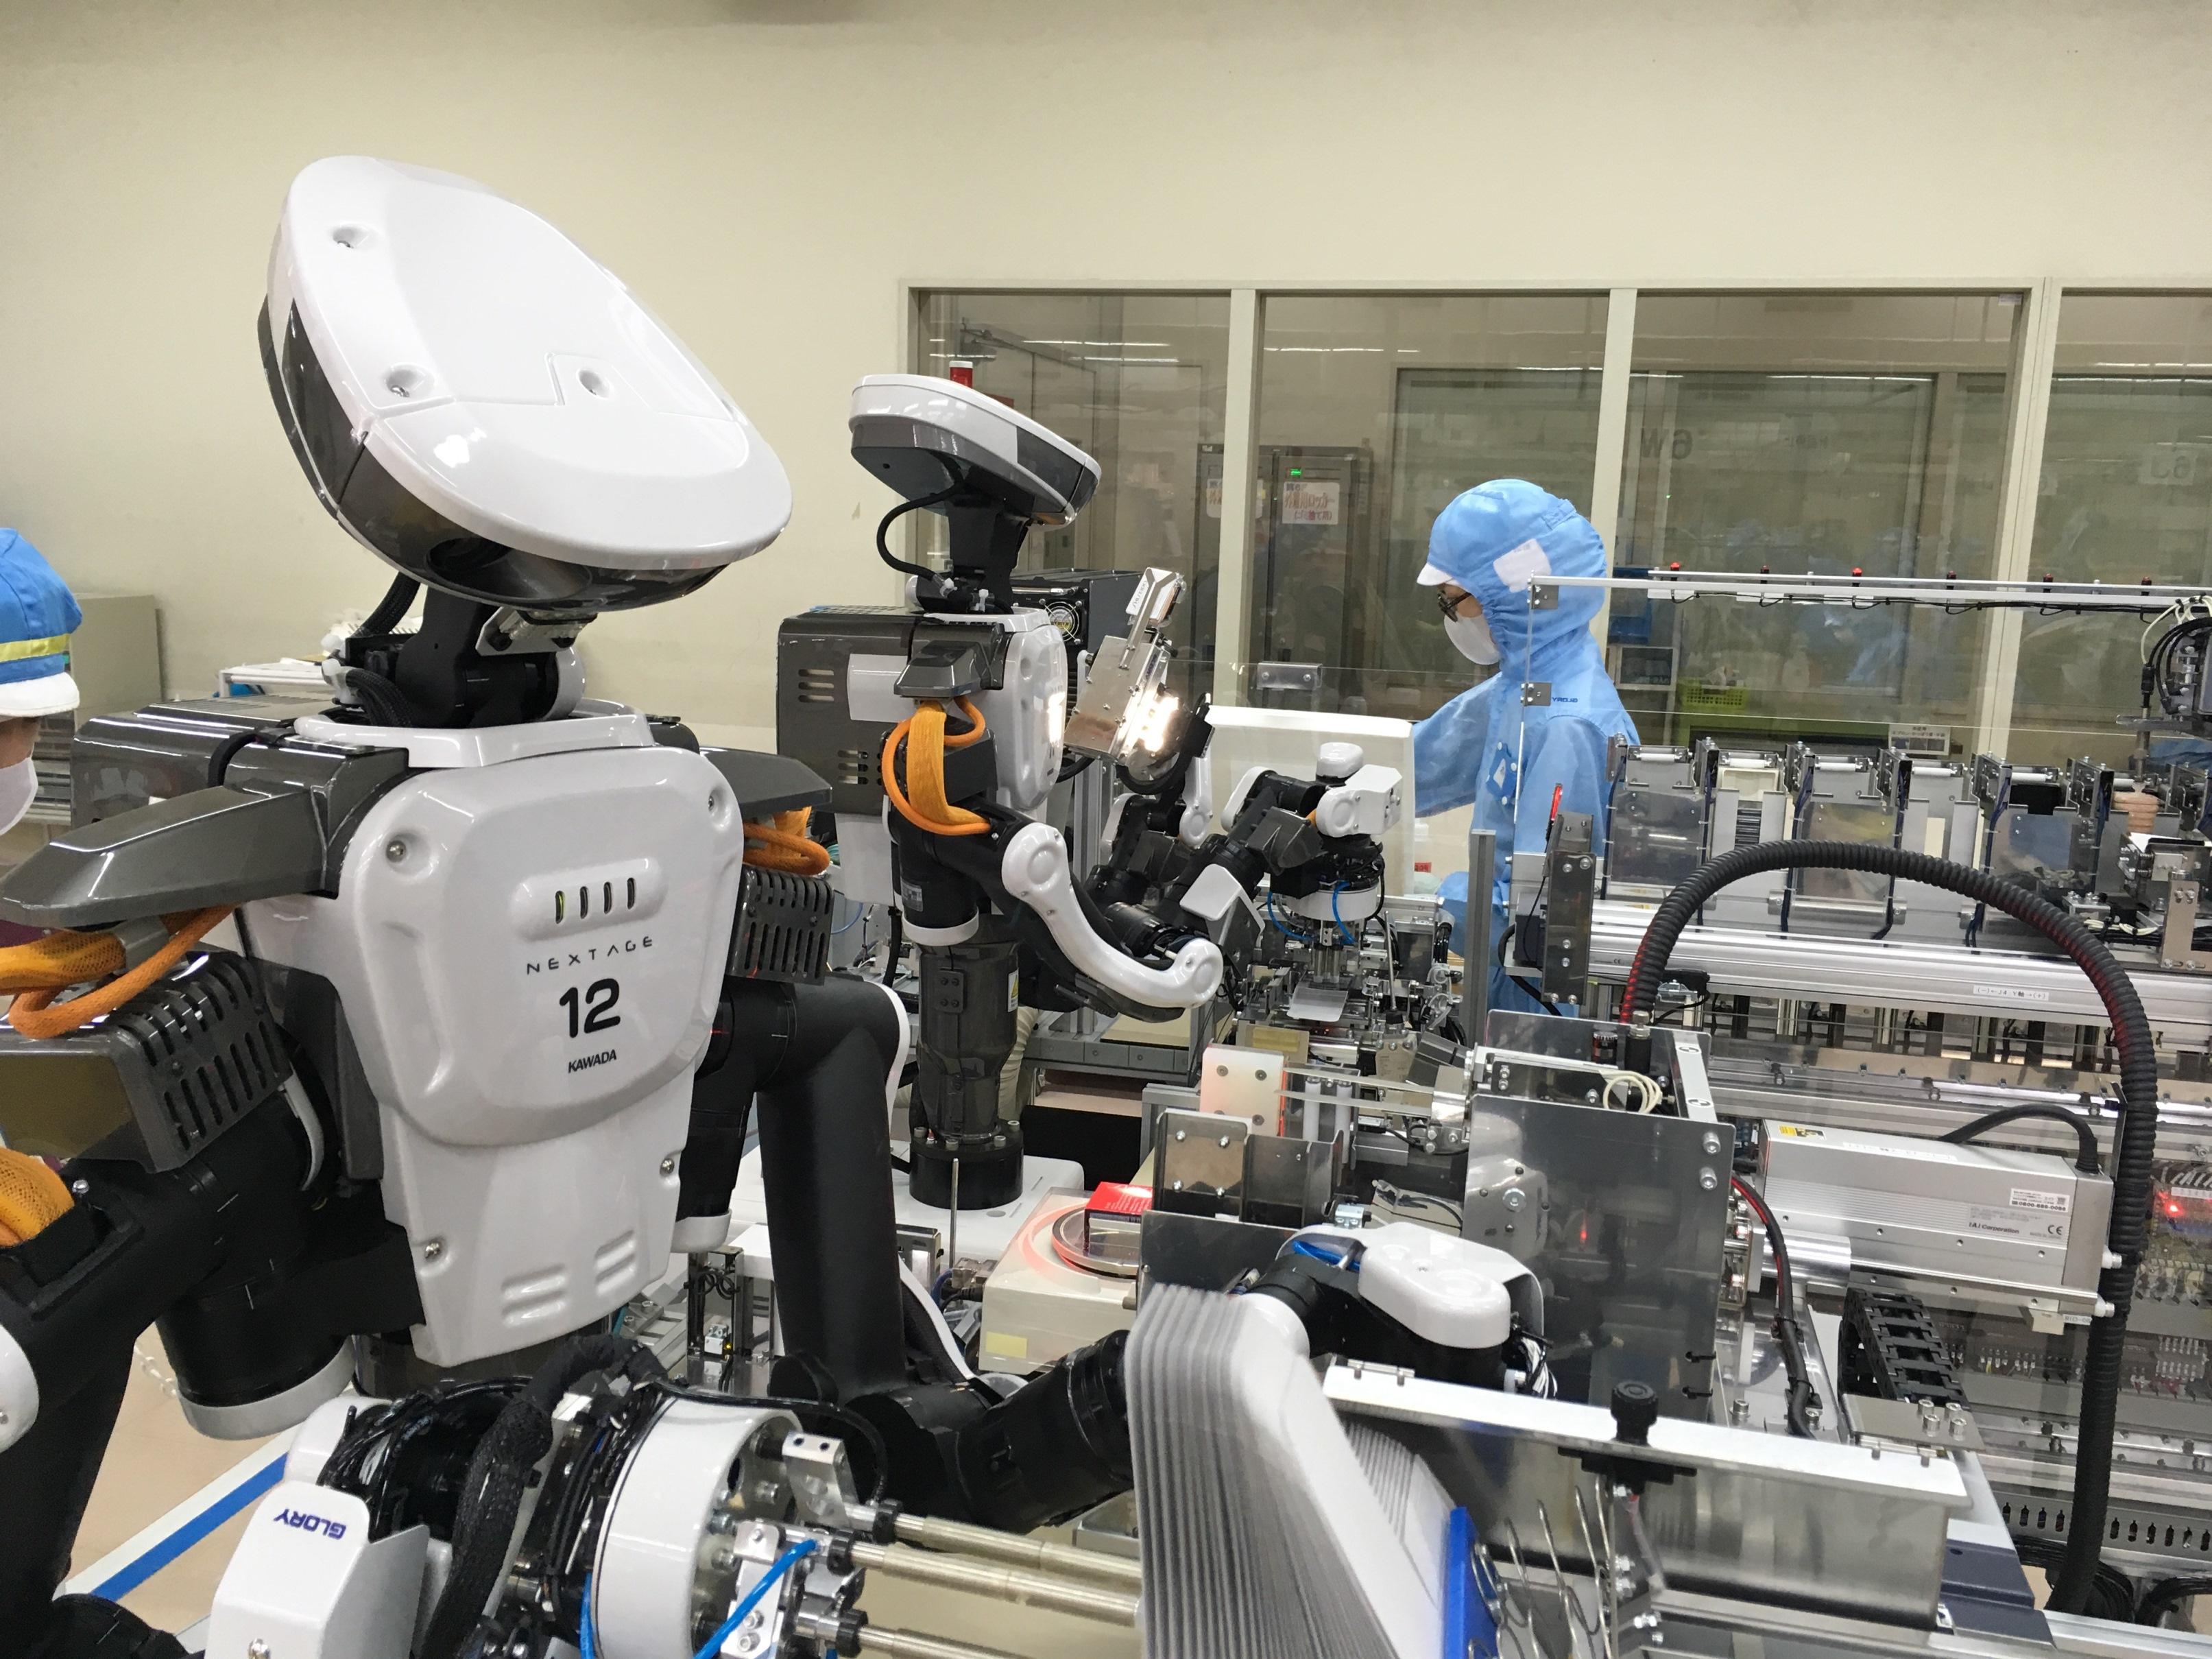 HUMANOID ROBOT KIT(ASSEMBLY KIT) - Eduscience  |Humanoid Robot Assembly